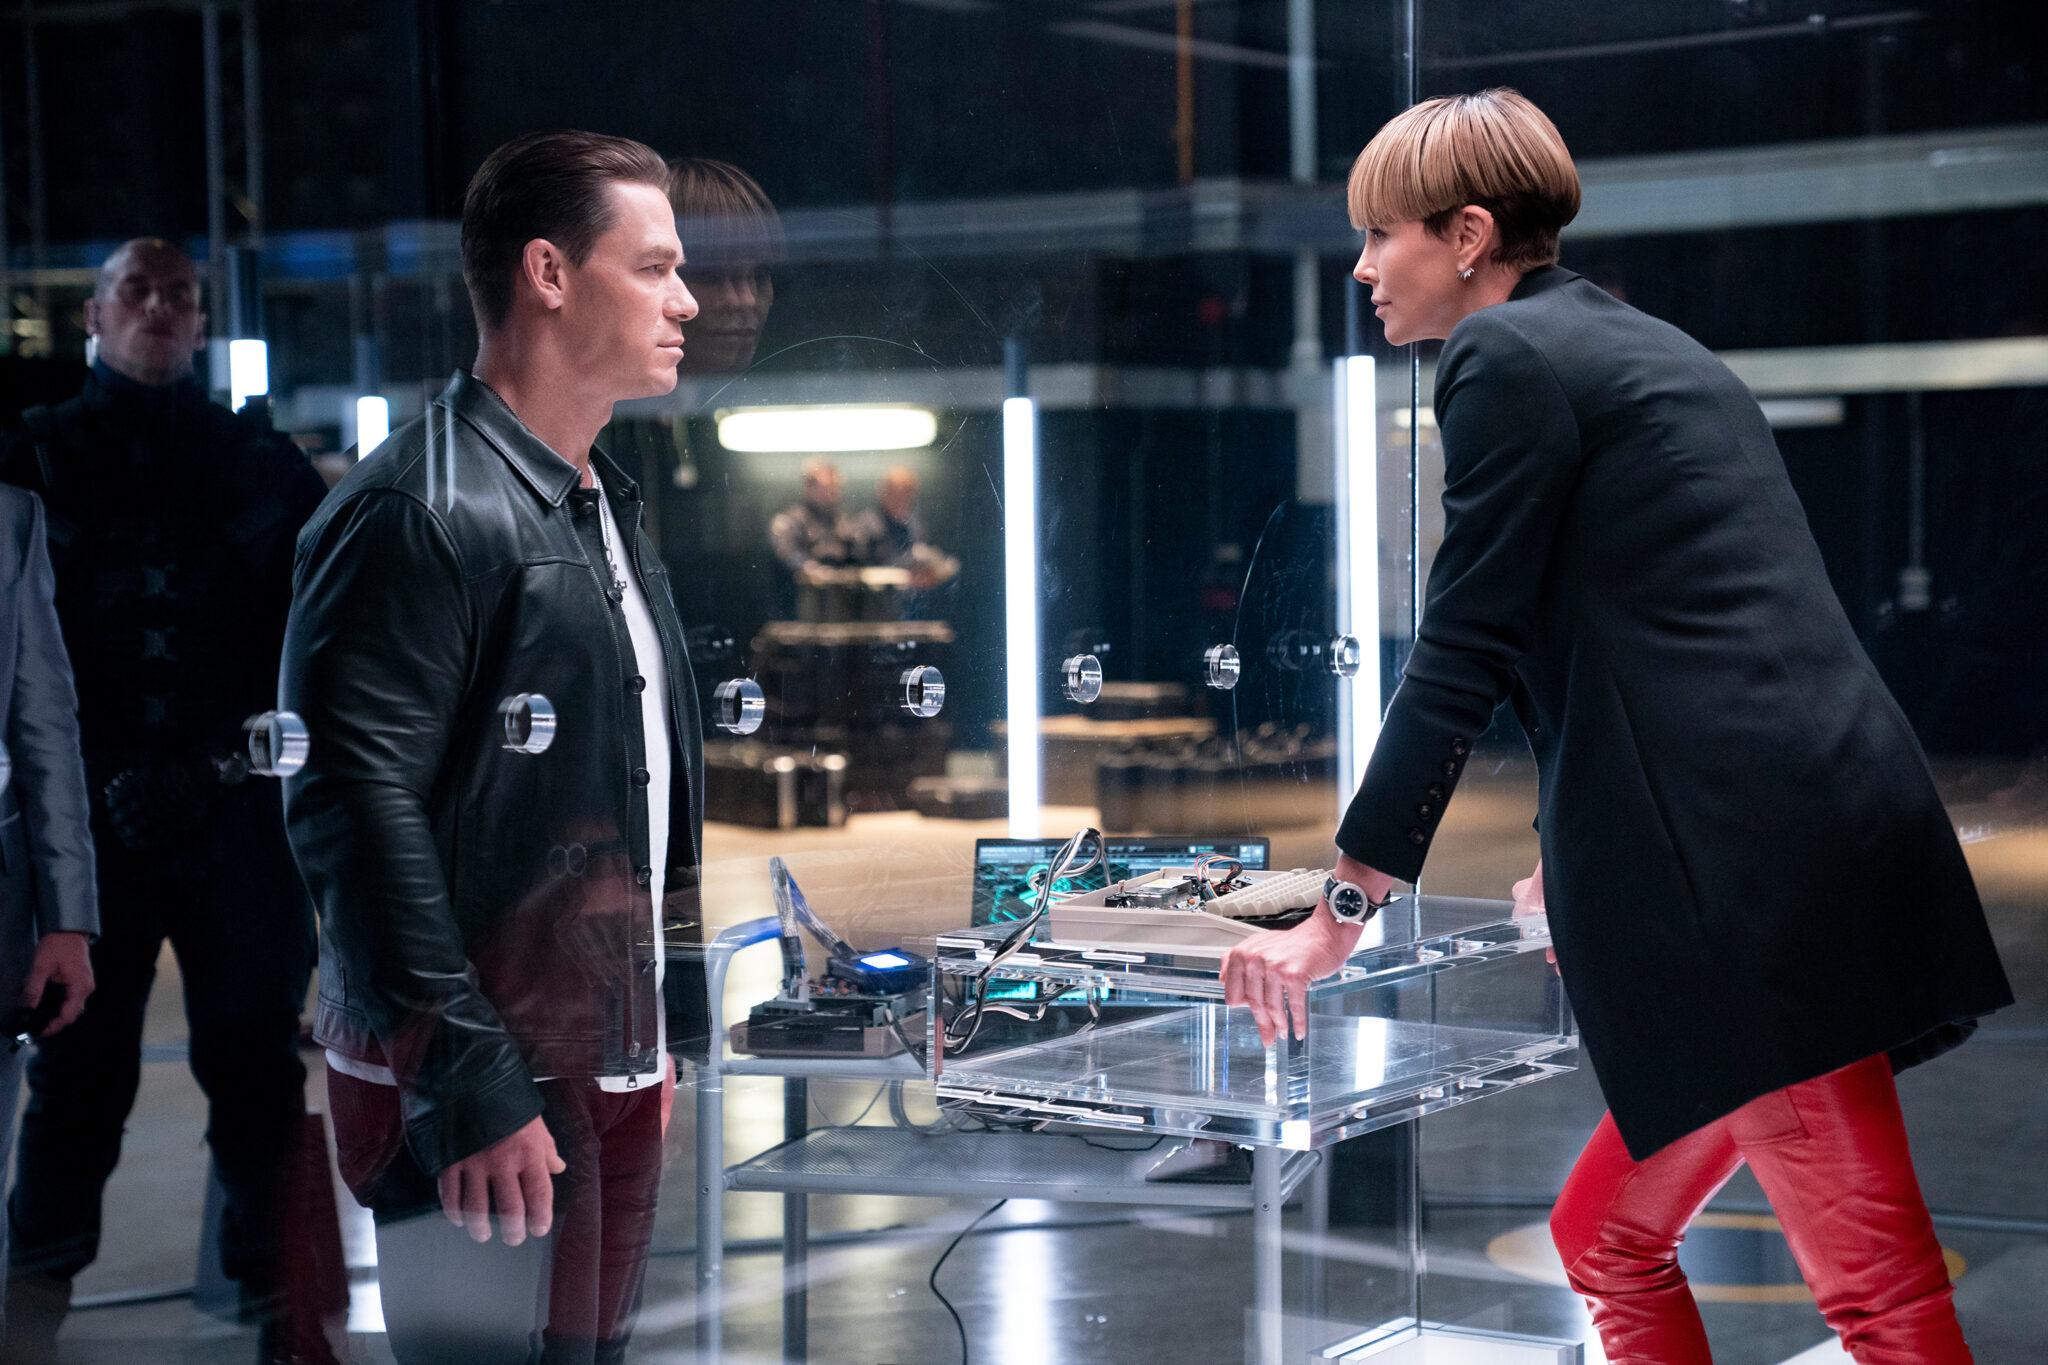 Jakob (John Cena) steht vor Cipher (Charlize Theron) und wird von einer Glasscheibe von ihr getrennt. Dazwischen sieht man einige alte Computerteile auf einem Glastisch. Fast & Furious 9